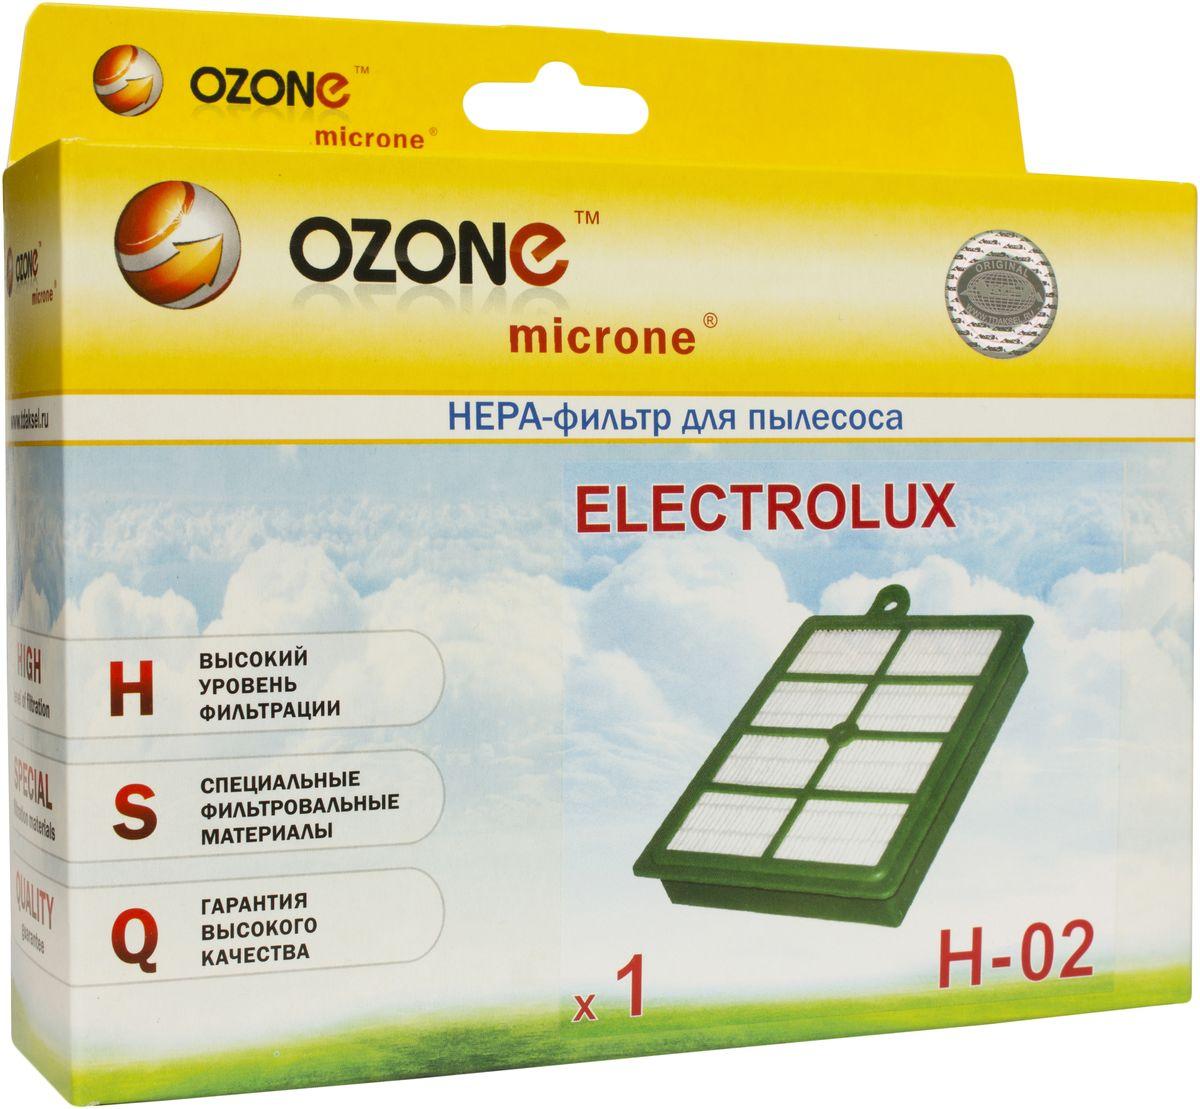 Ozone H-02 HEPA фильтр для пылесосаH-02HEPA фильтр Ozone microne H-02 высокоэффективной очистки предназначен для завершающей очистки воздуха в помещении, которое требует высокое качество воздуха, например, медицинских помещений. Фильтр состоит из мелкопористых материалов, что служит эффективному задерживанию частиц размером до 0,3 мкм. Фильтры HEPA последнего поколения имеют степень очистки воздуха около 95-97%. Фильтры не подлежат к промывке, а значит, они являются одноразовыми.